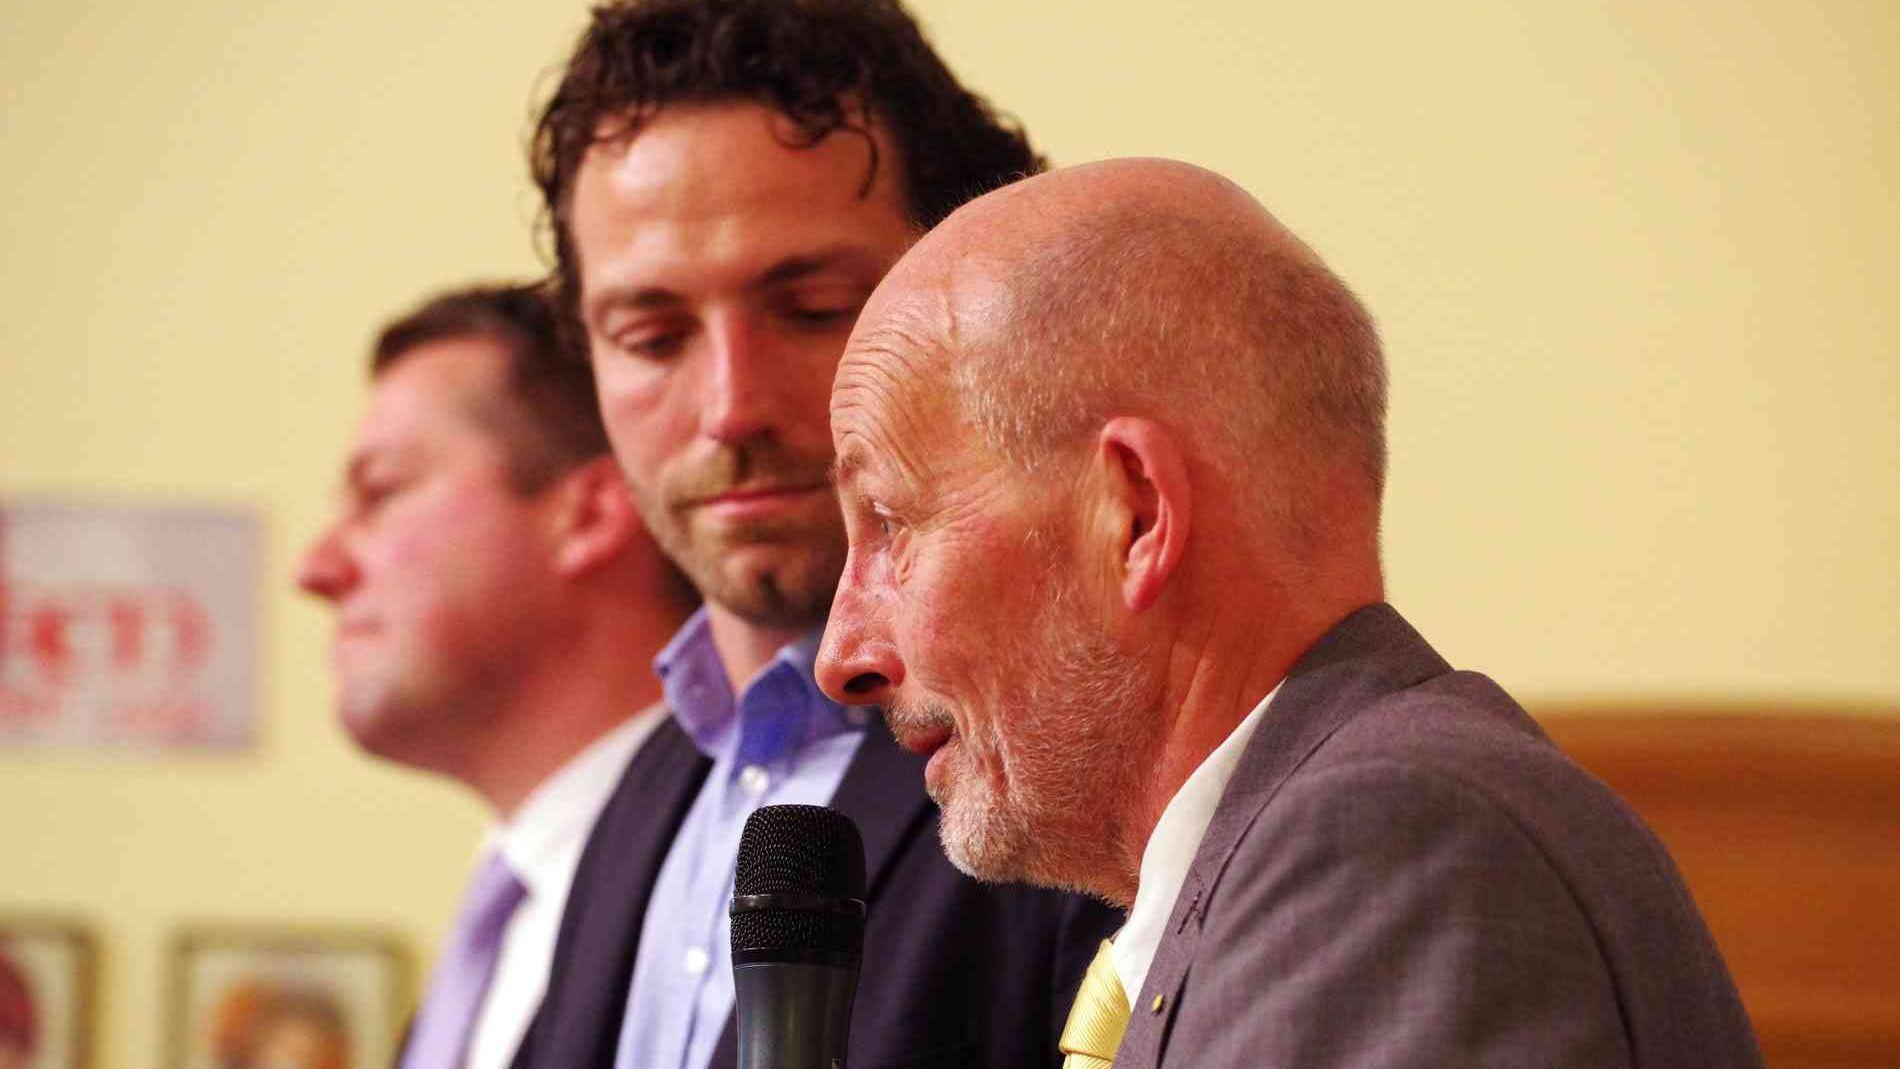 Podiumsdiskussion: Bürgermeisterkandidaten stehen Rede und Antwort